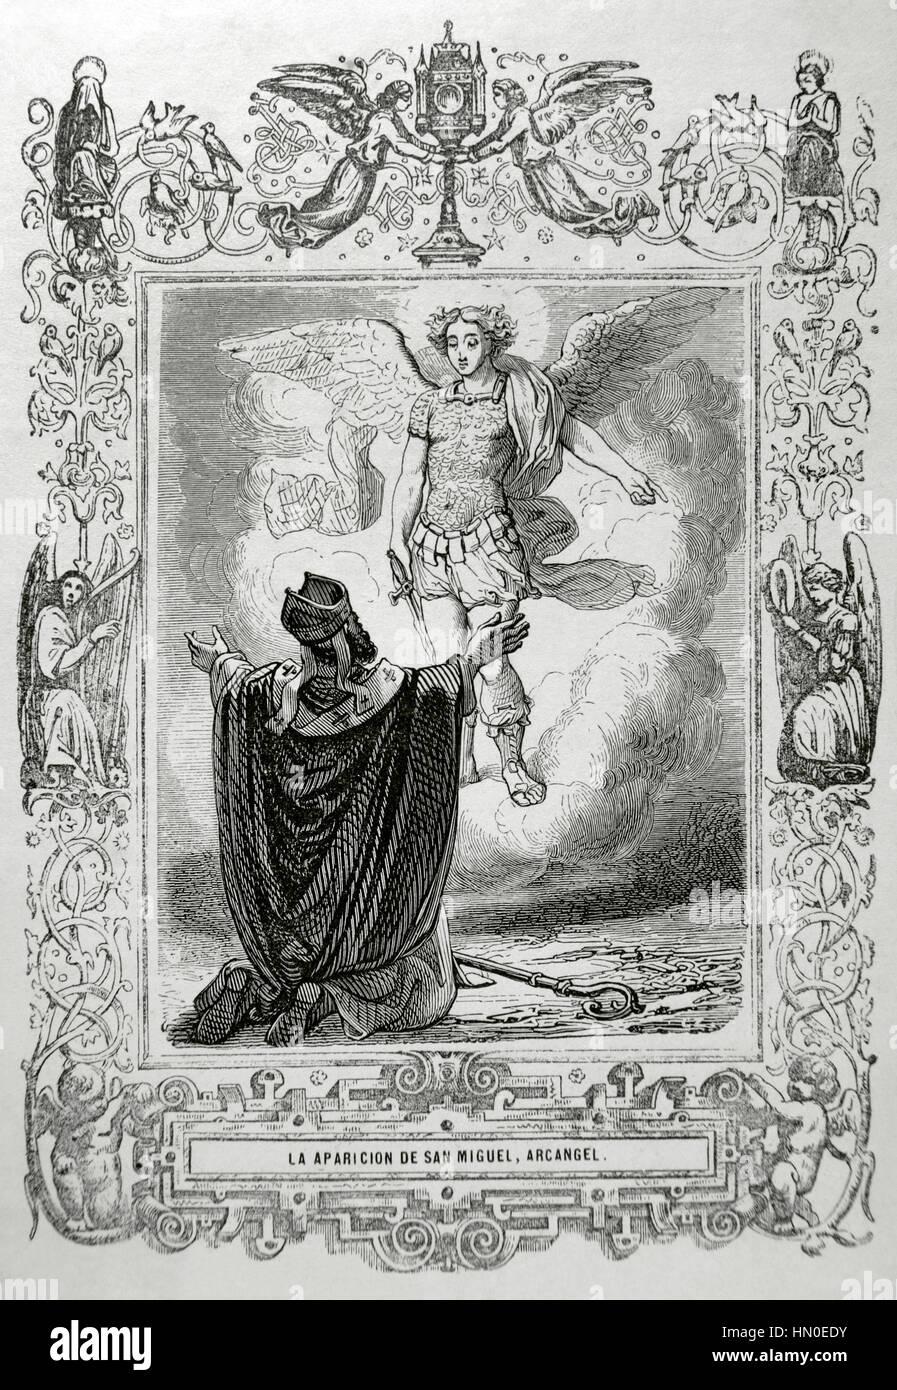 L'apparition de l'Archange Saint-Michel. Gravure de Capuz, 1852. Banque D'Images